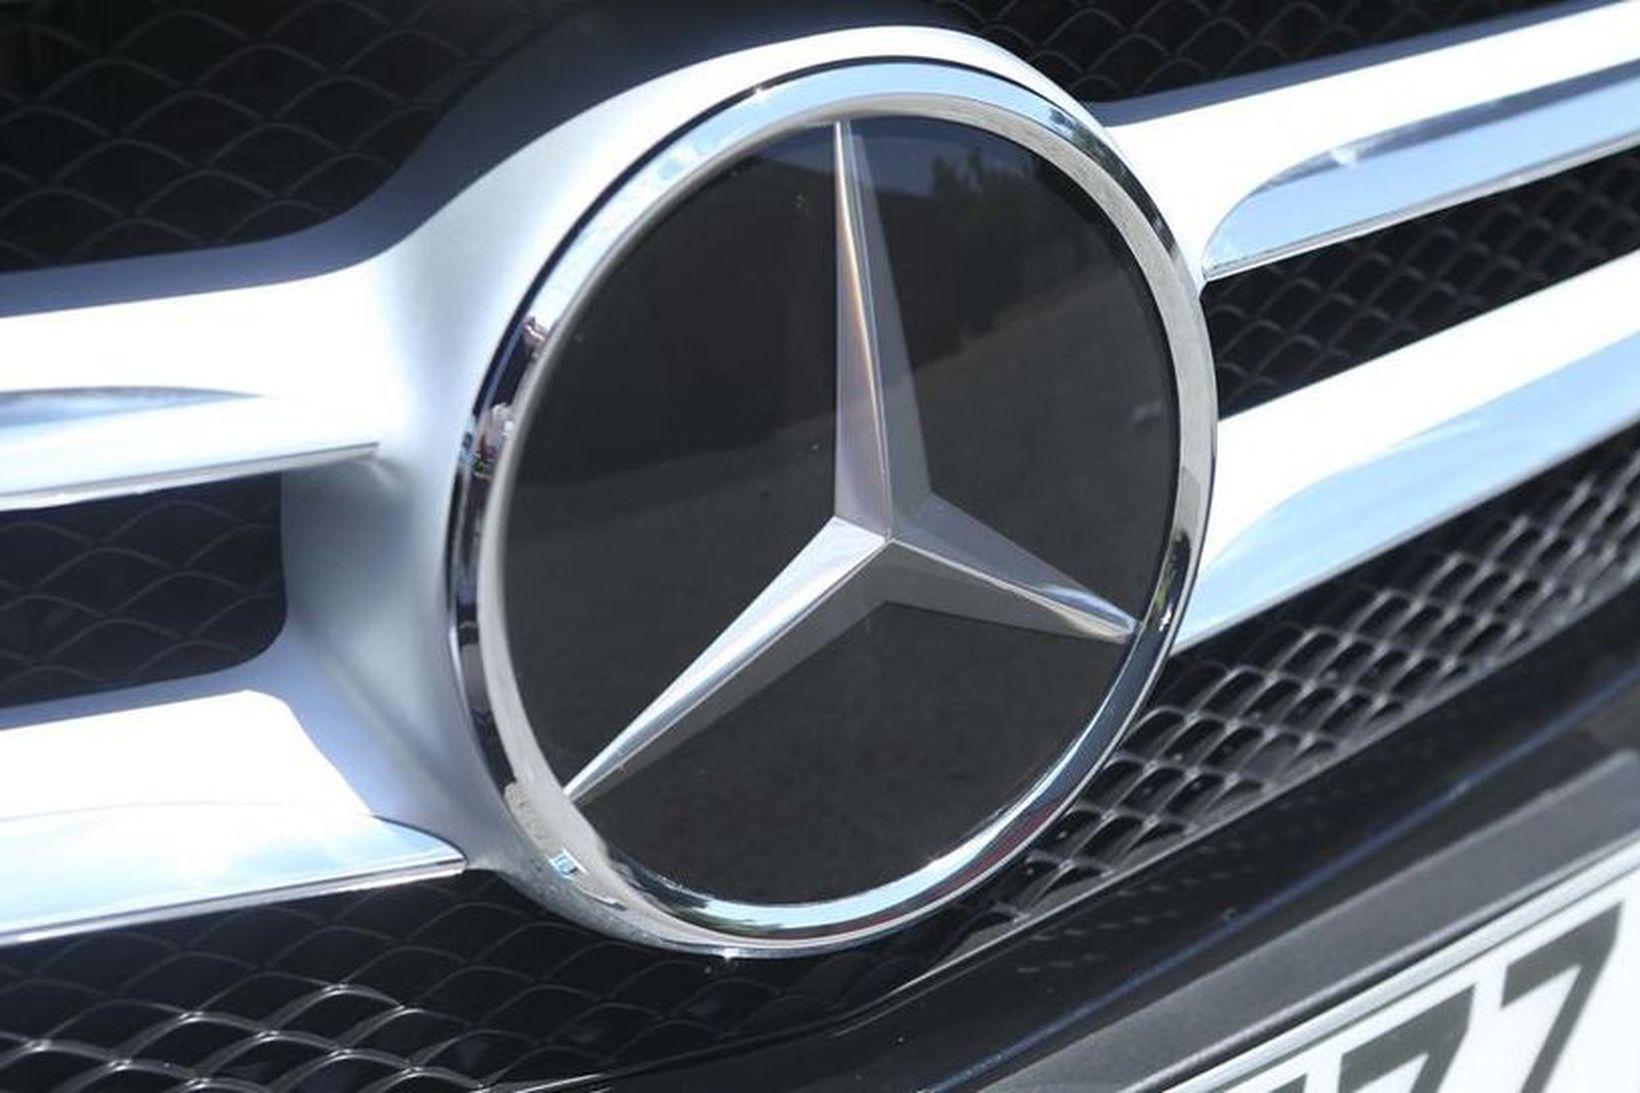 Mercedes Benz á yfir sér fjársektir fyrir sviksemi.